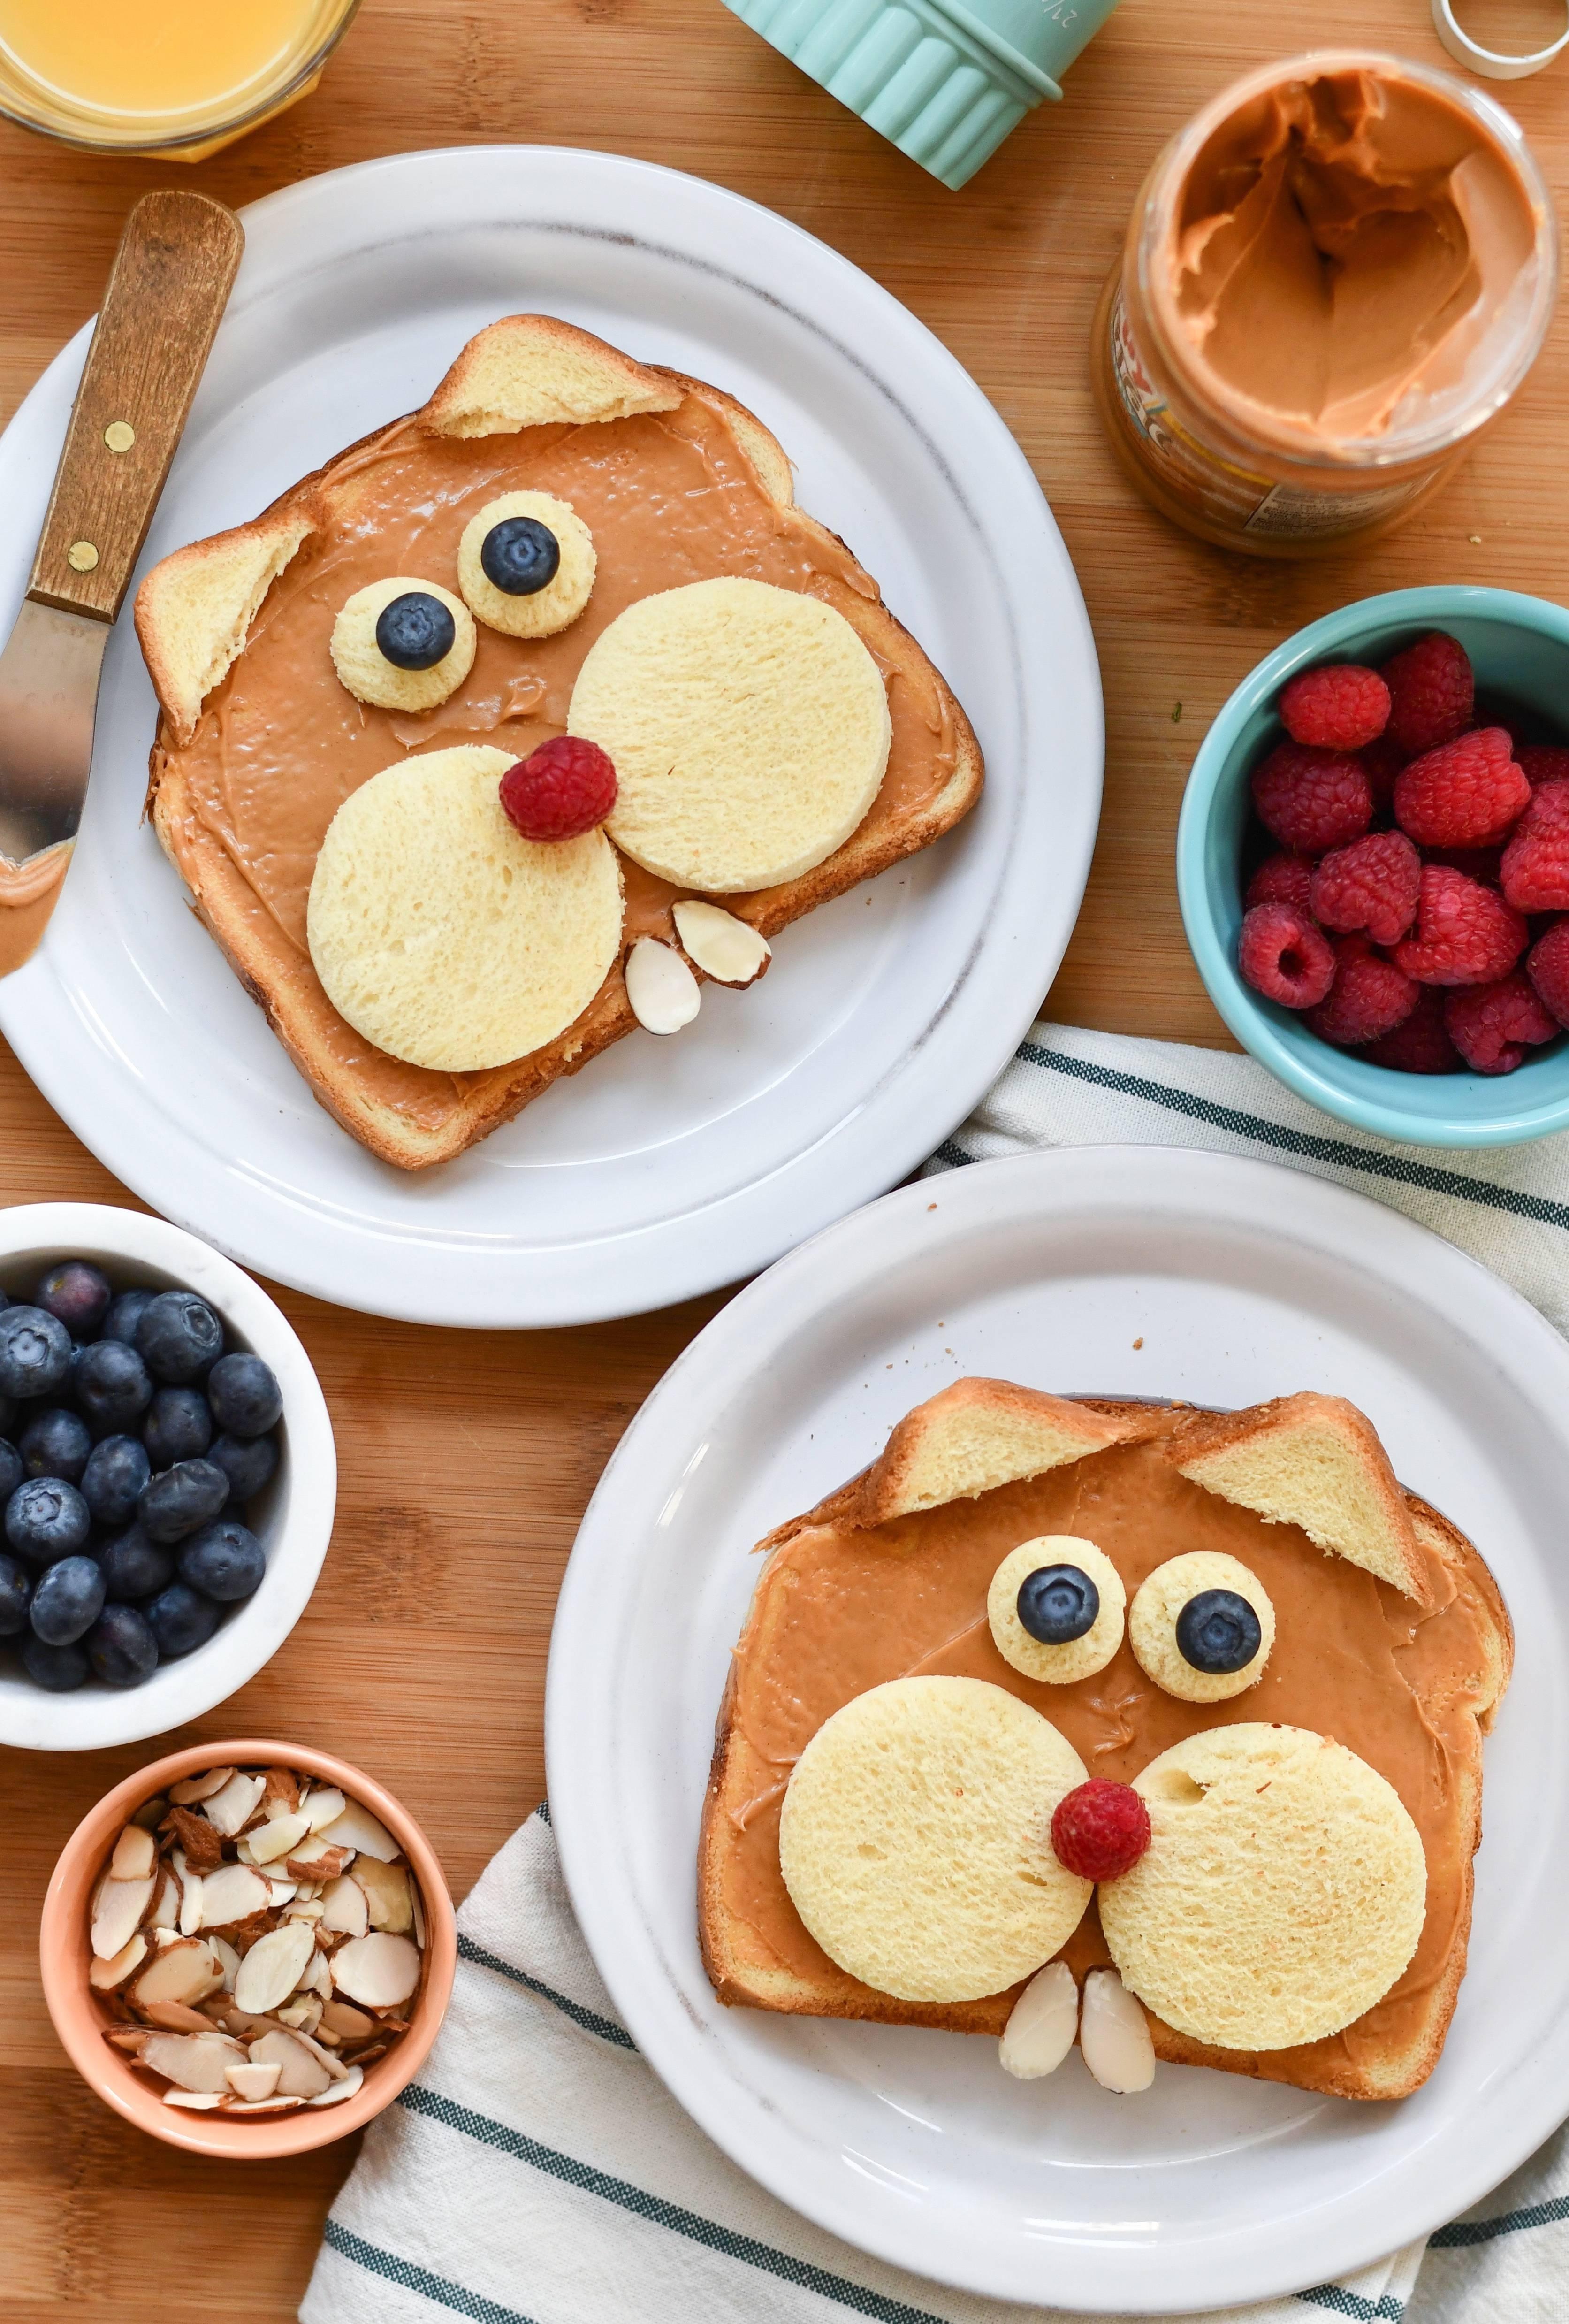 Полезный завтрак – быстро: 9 рецептов завтраков для детей. что приготовить ребенку на завтрак за 20 минут